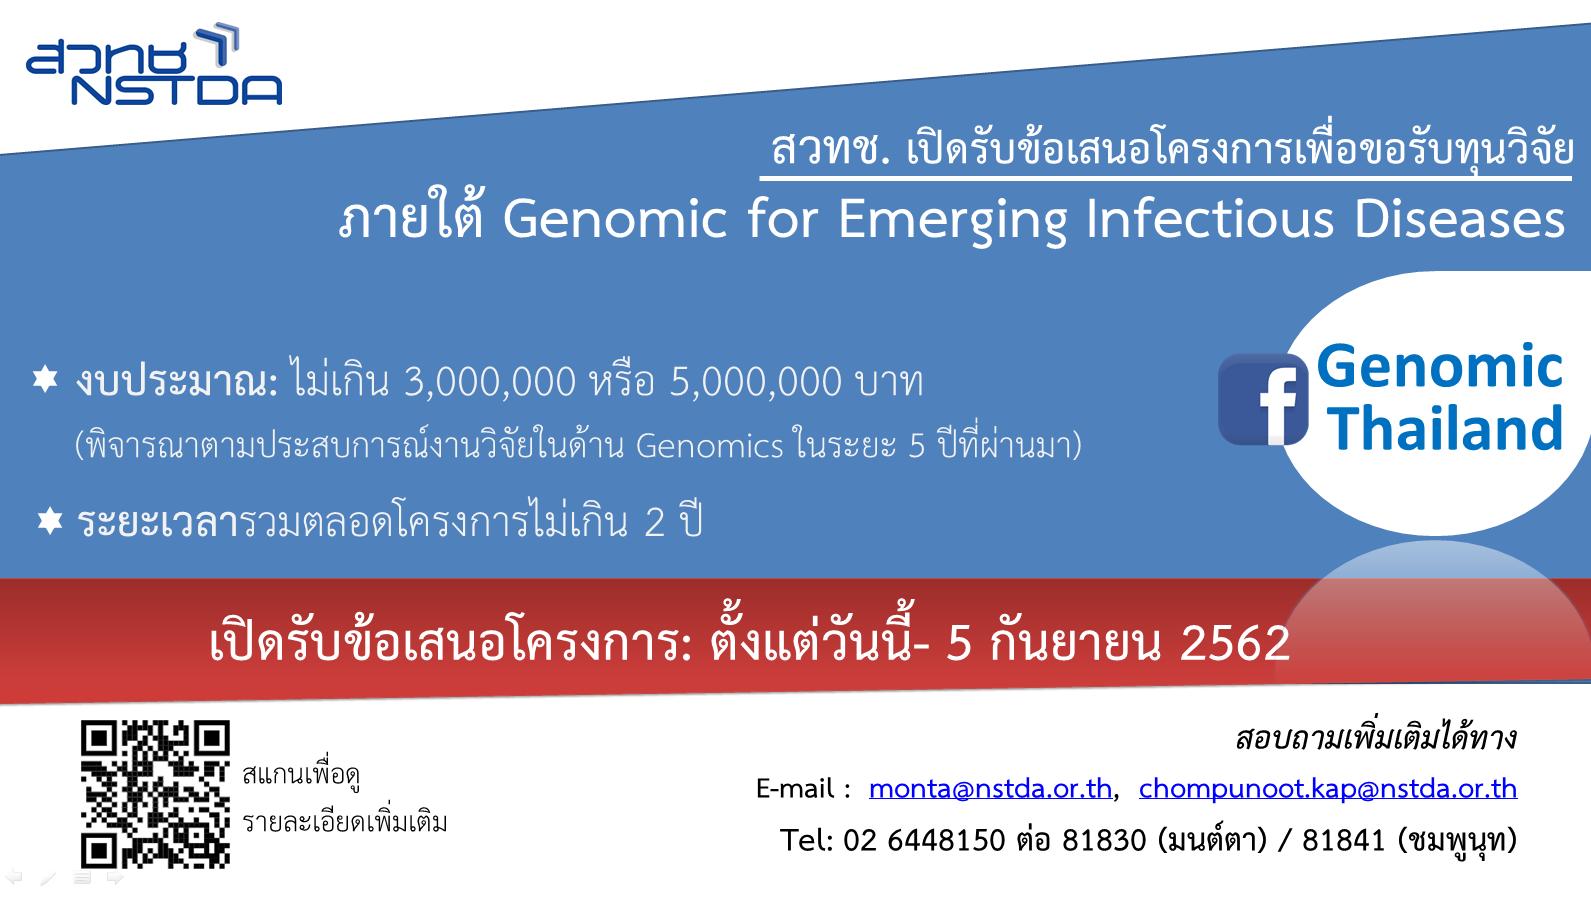 ประชาสัมพันธ์โครงการเพื่อขอรับทุนวิจัยภายใต้ Genomic for Emerging Infectious Diseases